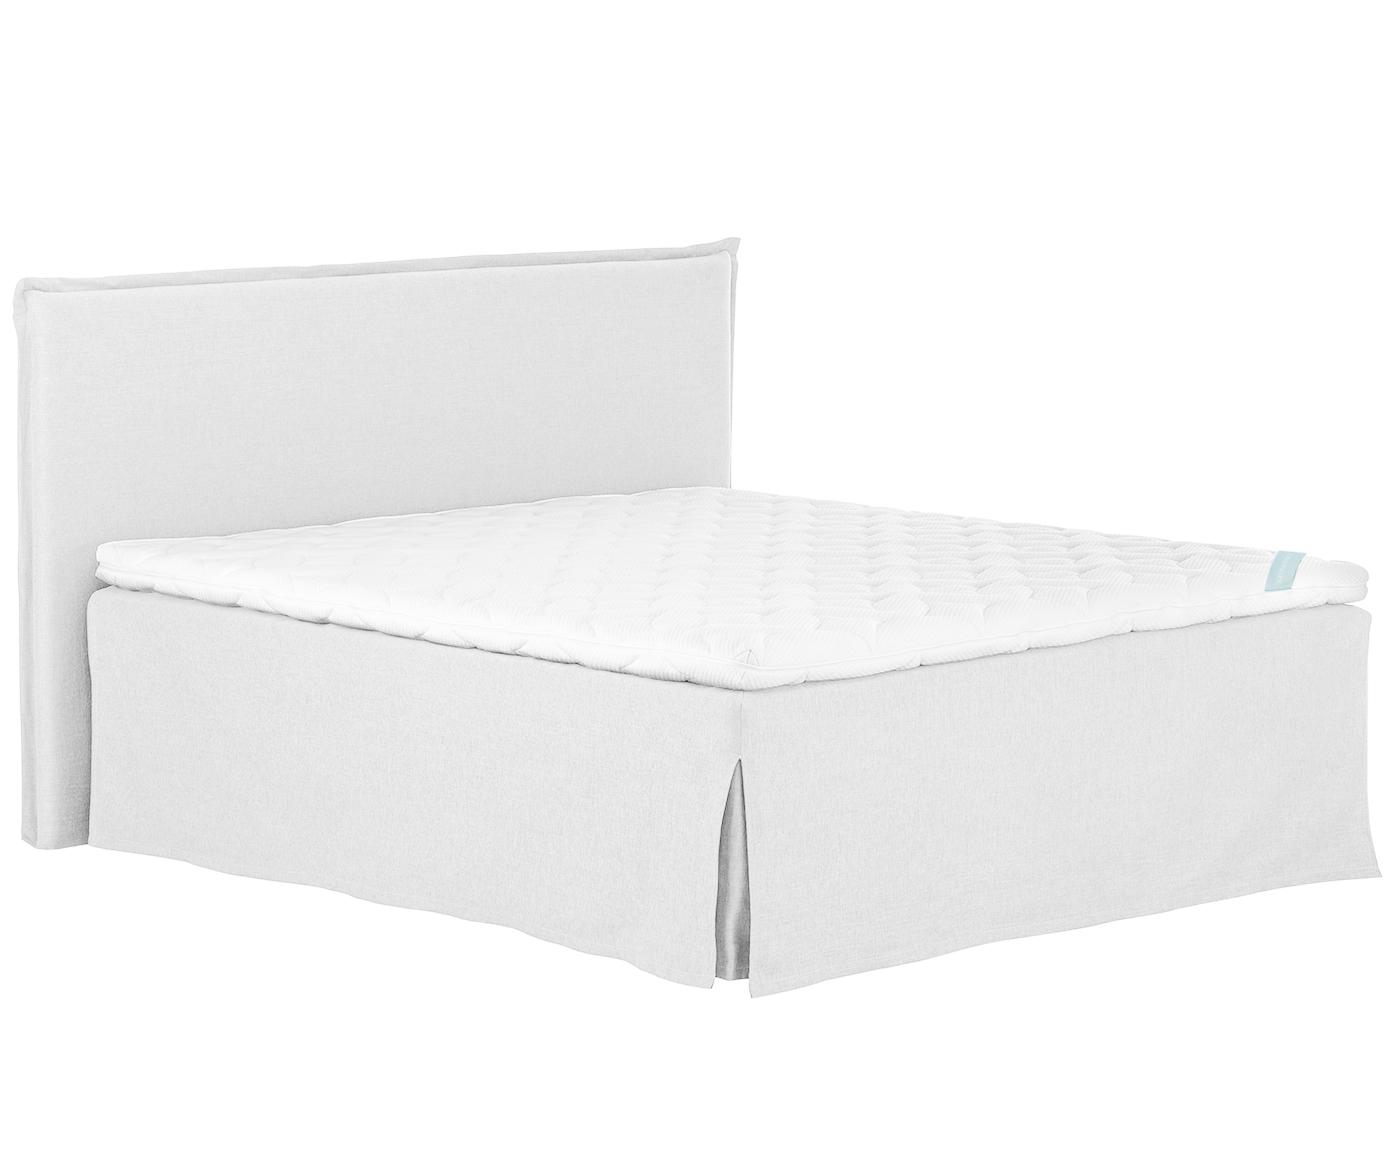 Łóżko kontynentalne premium Violet, Nogi: lite drewno bukowe, lakie, Jasny szary, 140 x 200 cm